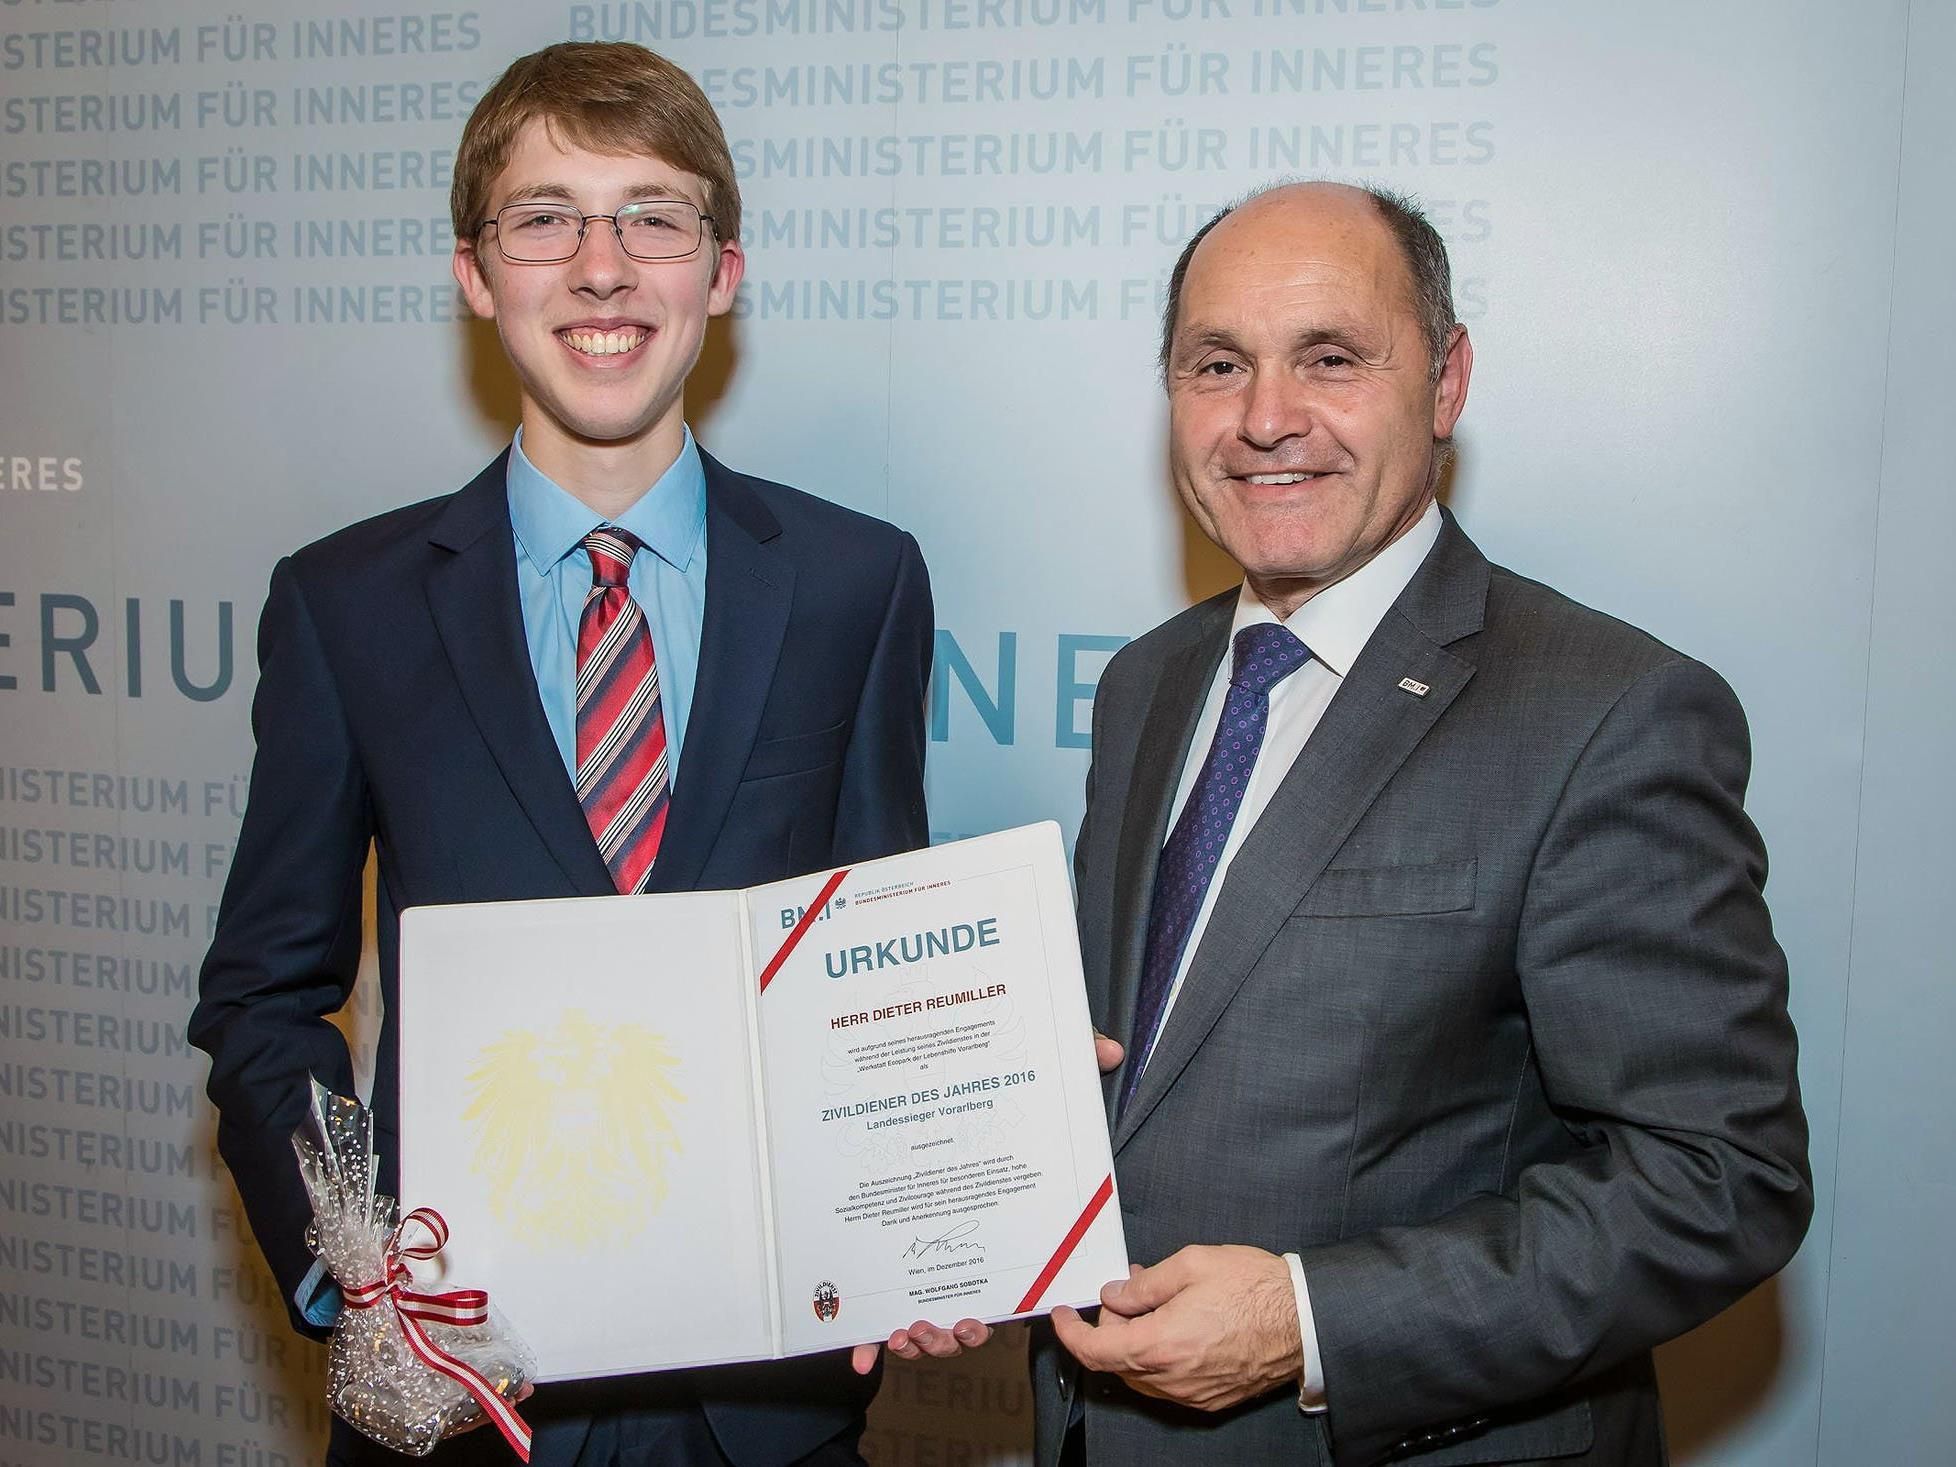 Innenminister Wolfgang Sobotka (r.) überreichte Dieter Reumiller die Auszeichnung als Landessieger.